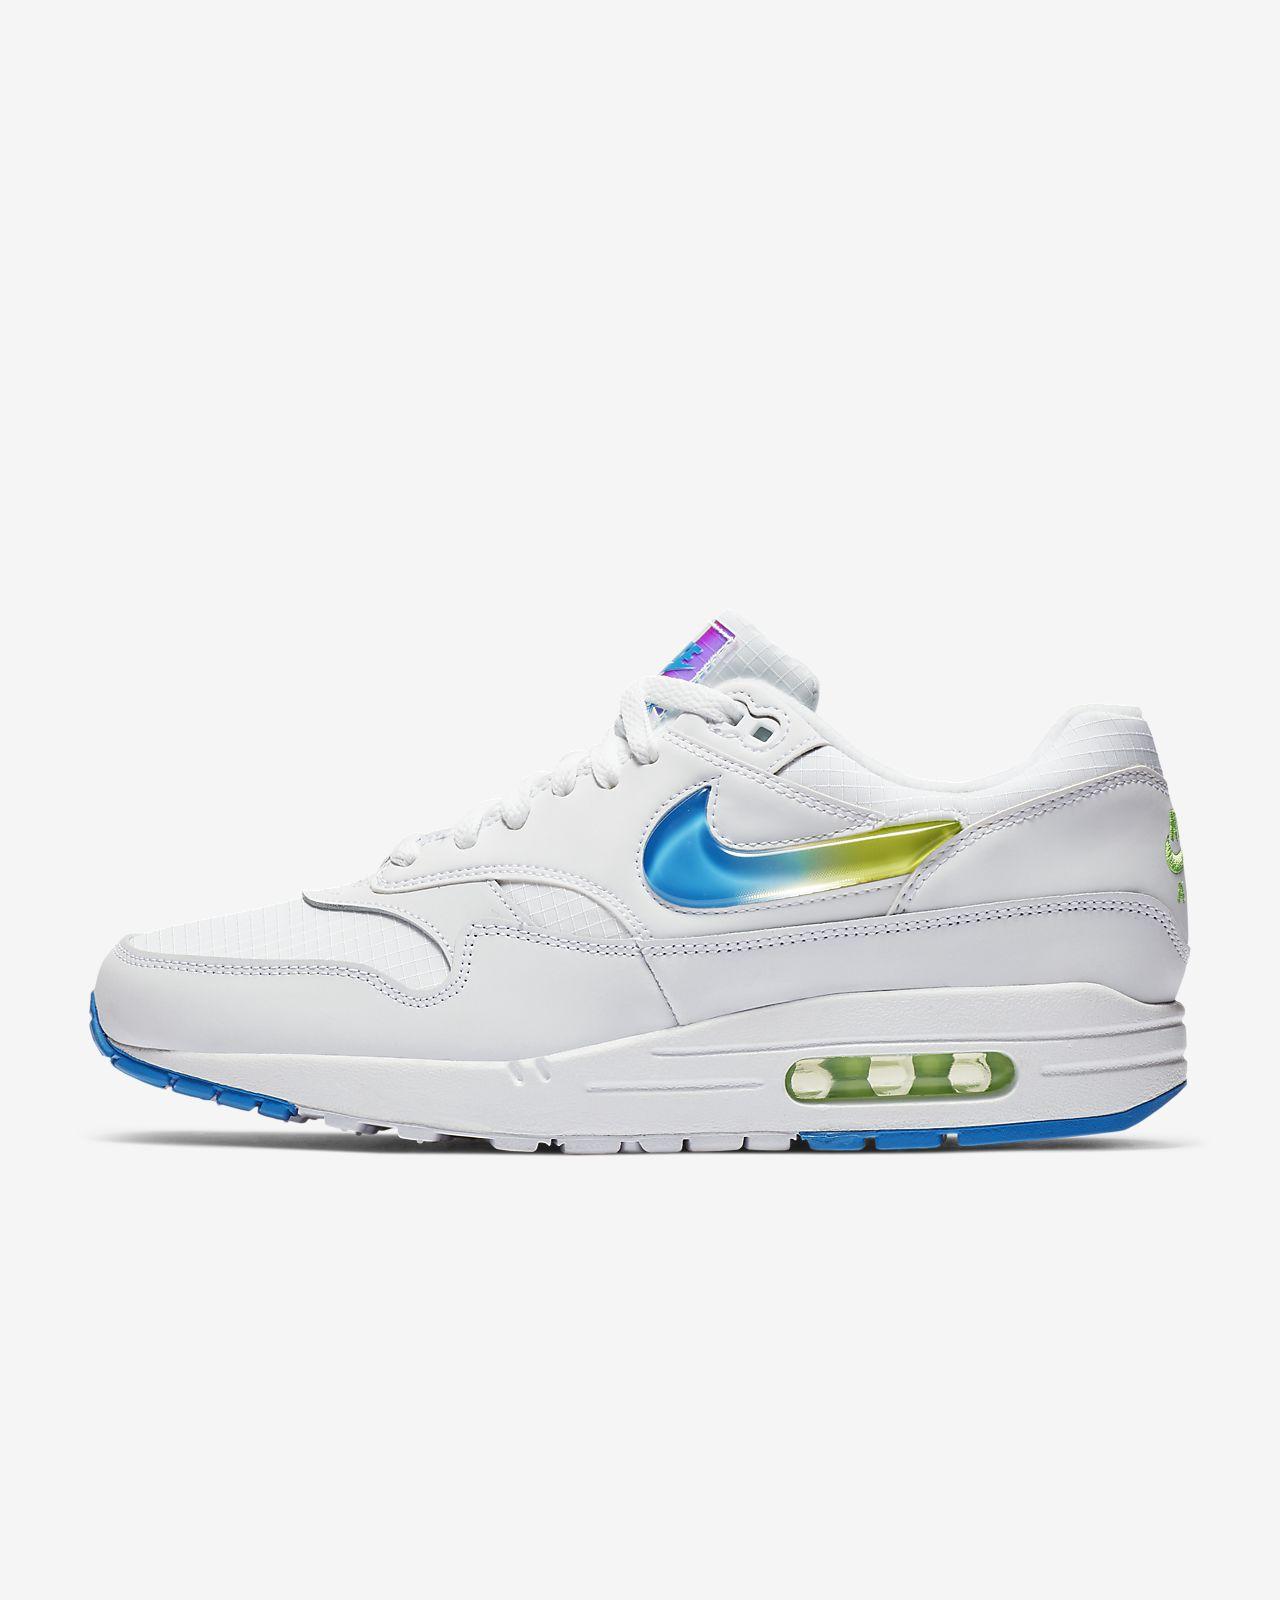 Nike Air Max 1 SE 男子运动鞋